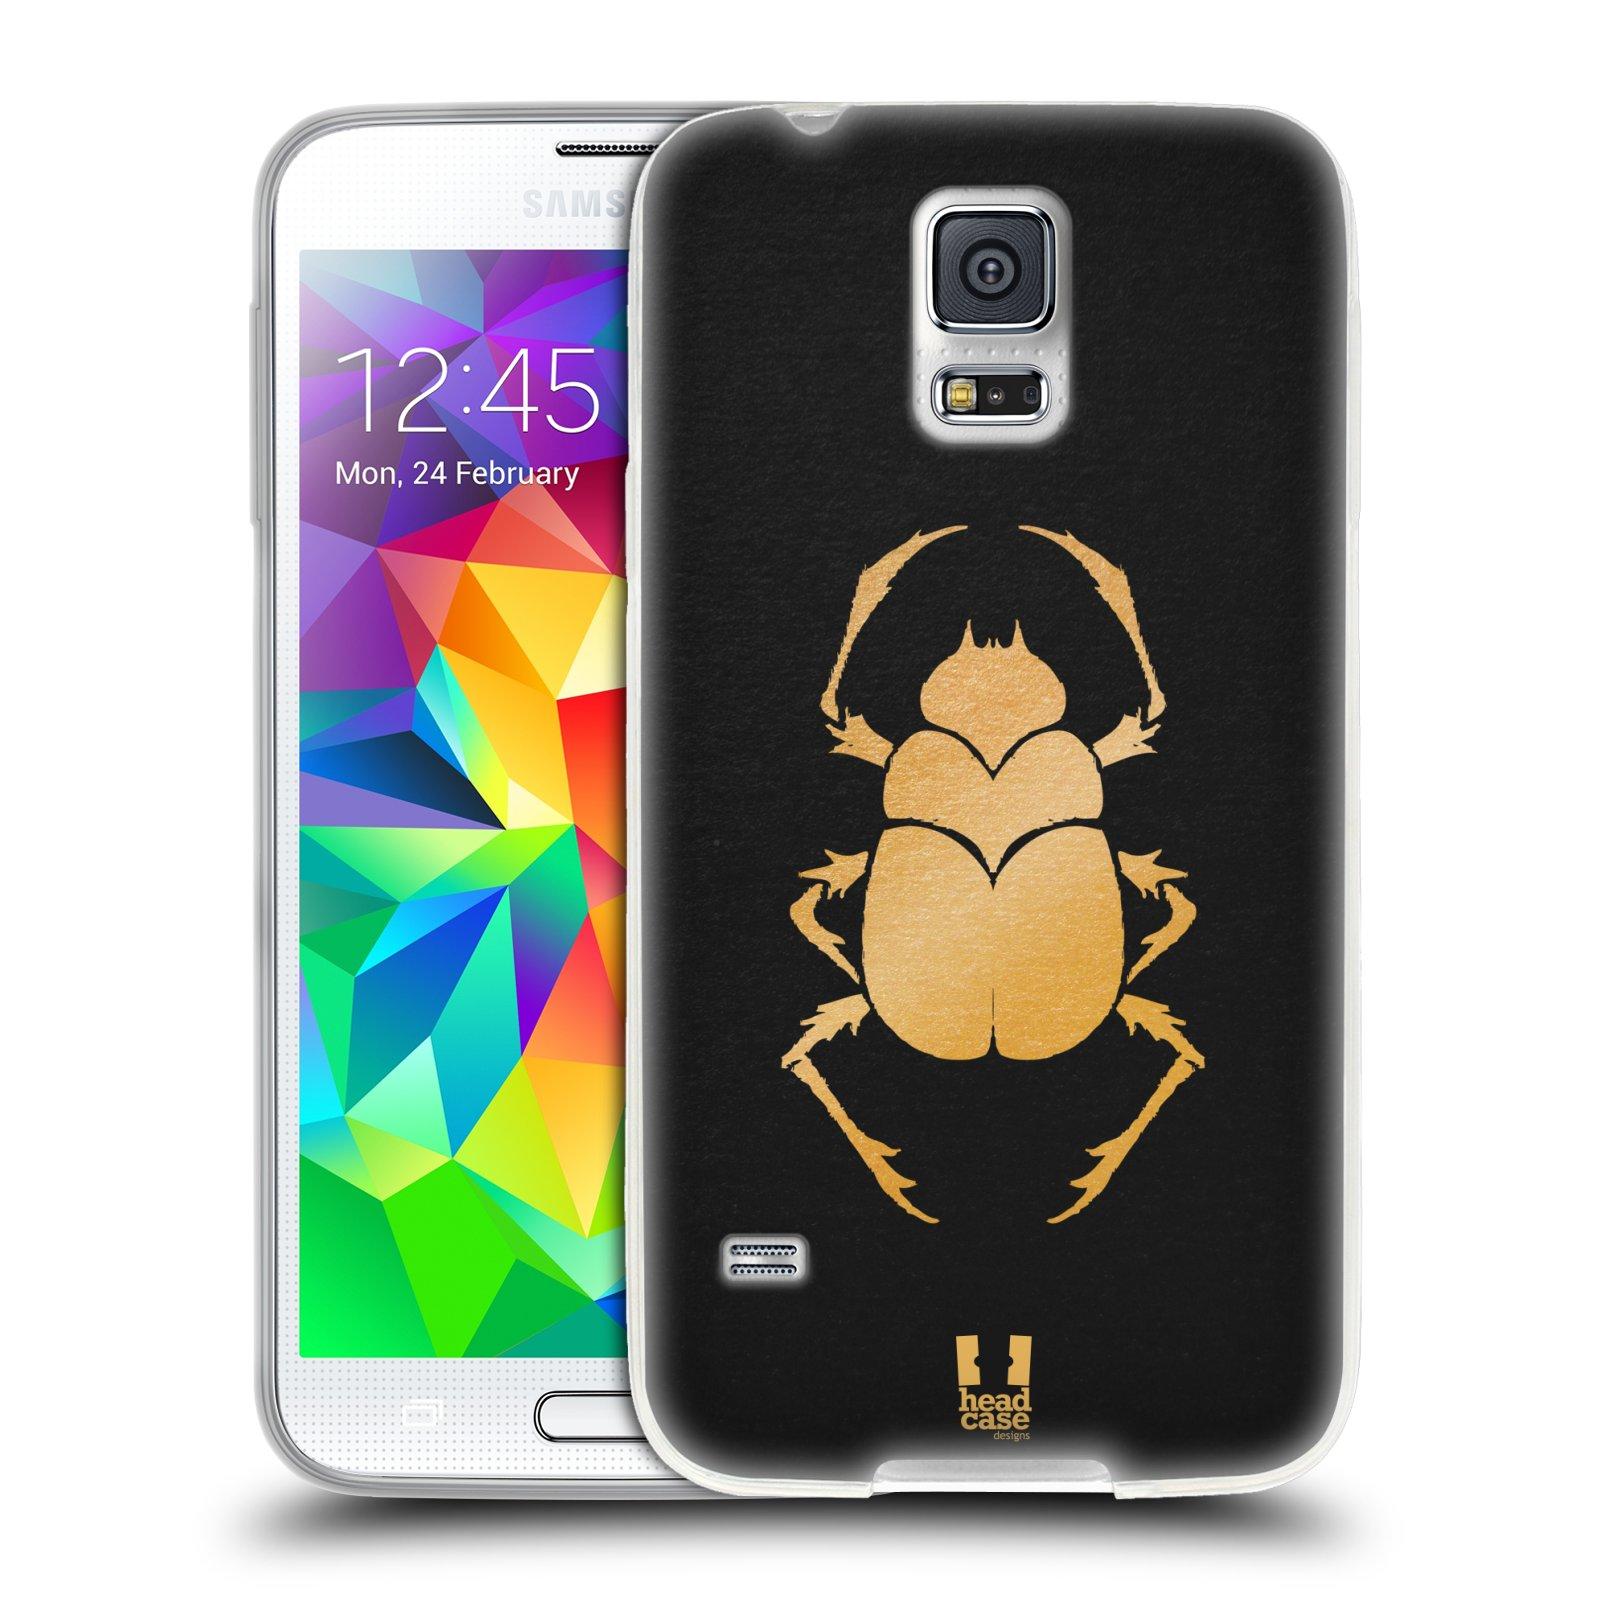 Silikonové pouzdro na mobil Samsung Galaxy S5 HEAD CASE EGYPT SCARABEUS (Silikonový kryt či obal na mobilní telefon Samsung Galaxy S5 SM-G900F)